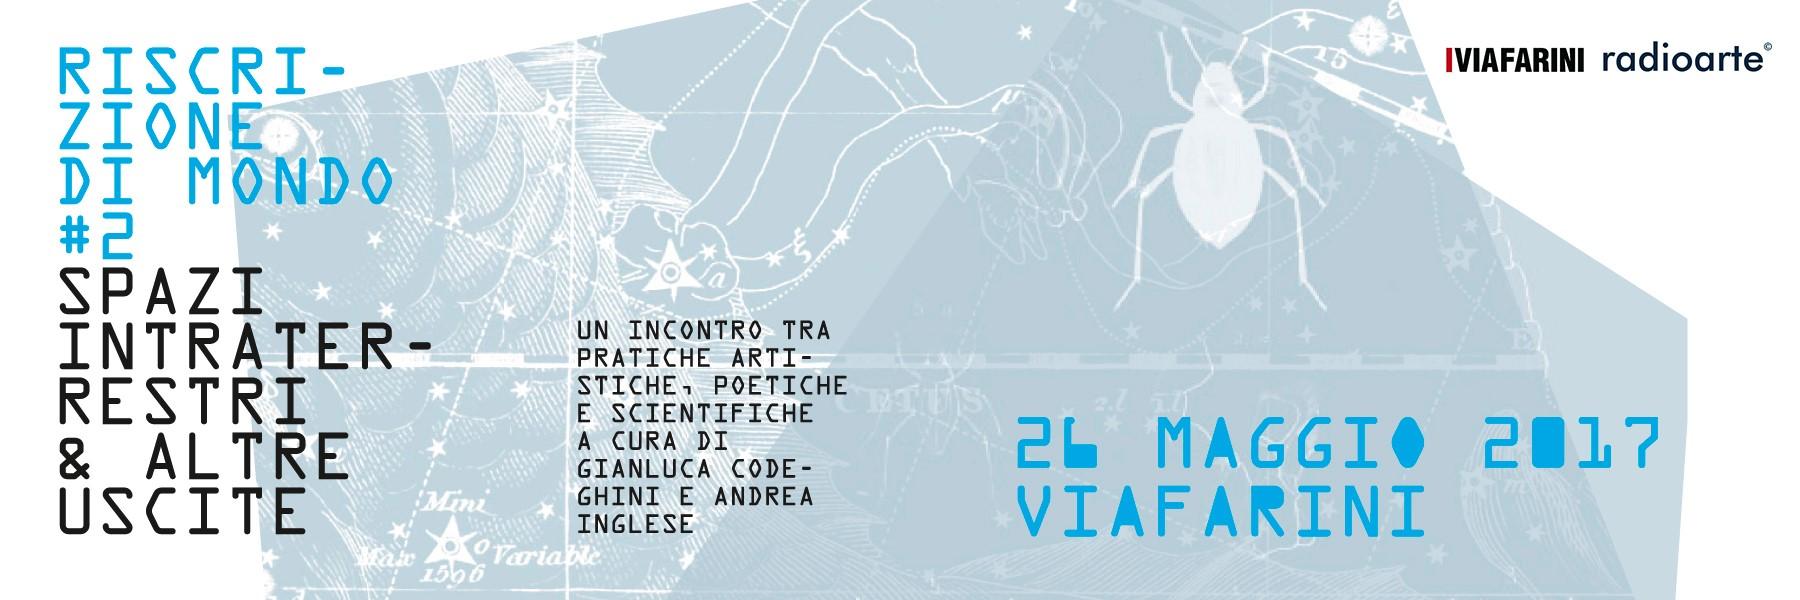 Riscrizione di mondo #2 – programma & istruzioni per l'uso (26.5 Milano)